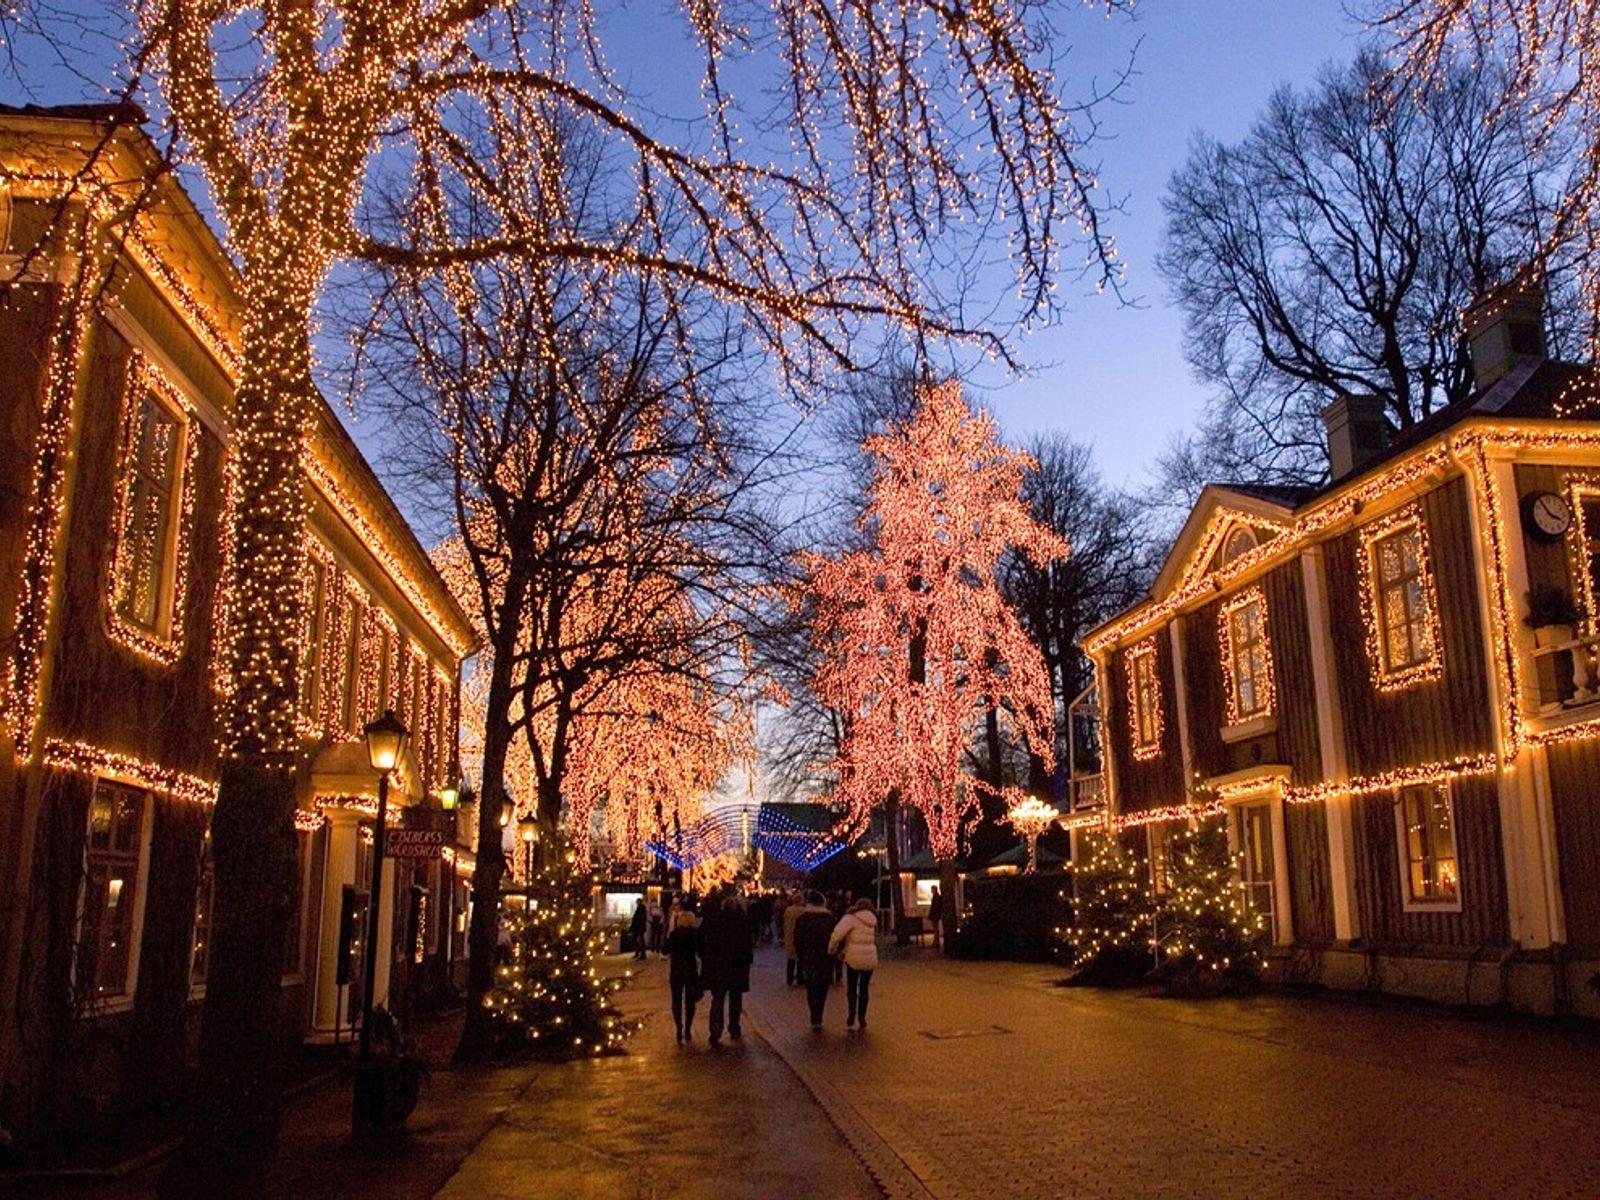 10 decorações iluminadas de Natal pelo mundo